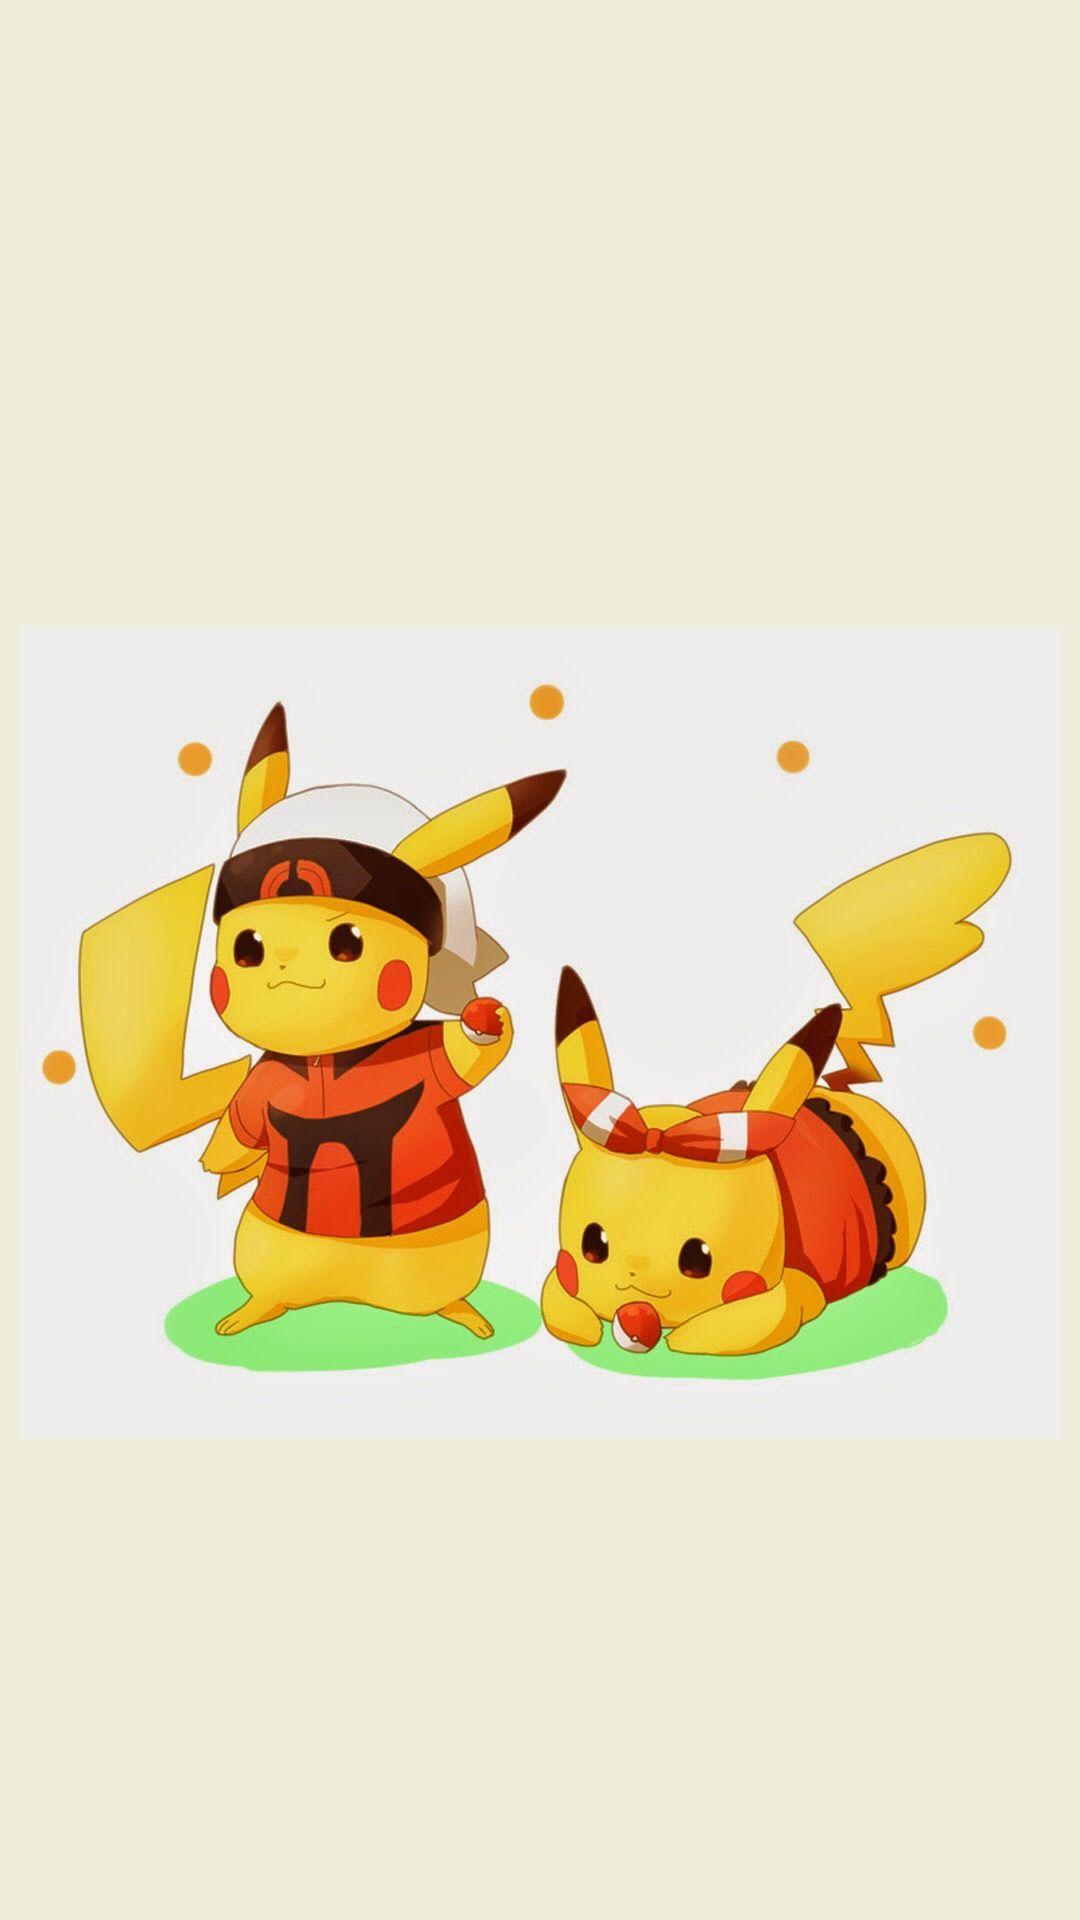 Hình ảnh chạm 1080x1920 để có thêm hình nền Pikachu cho iPhone 6 Plus!  Pikachu